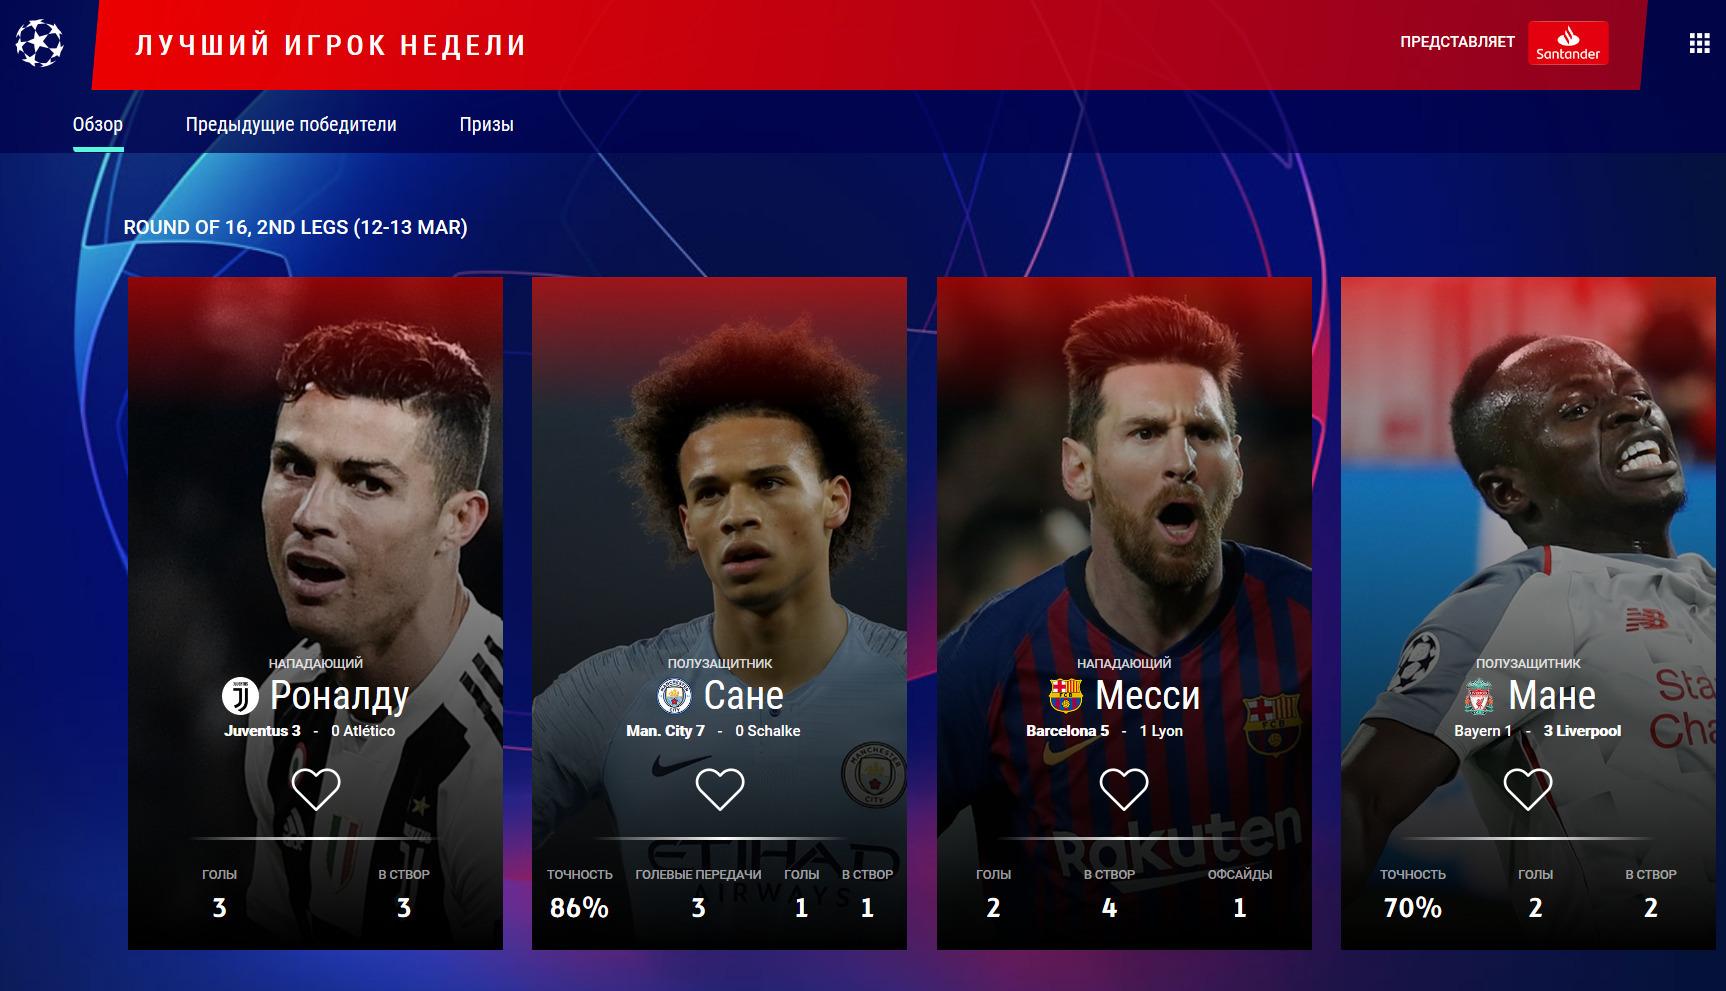 УЕФА назвал четырех претендентов на звание лучшего игрока недели в Лиге чемпионов - изображение 1